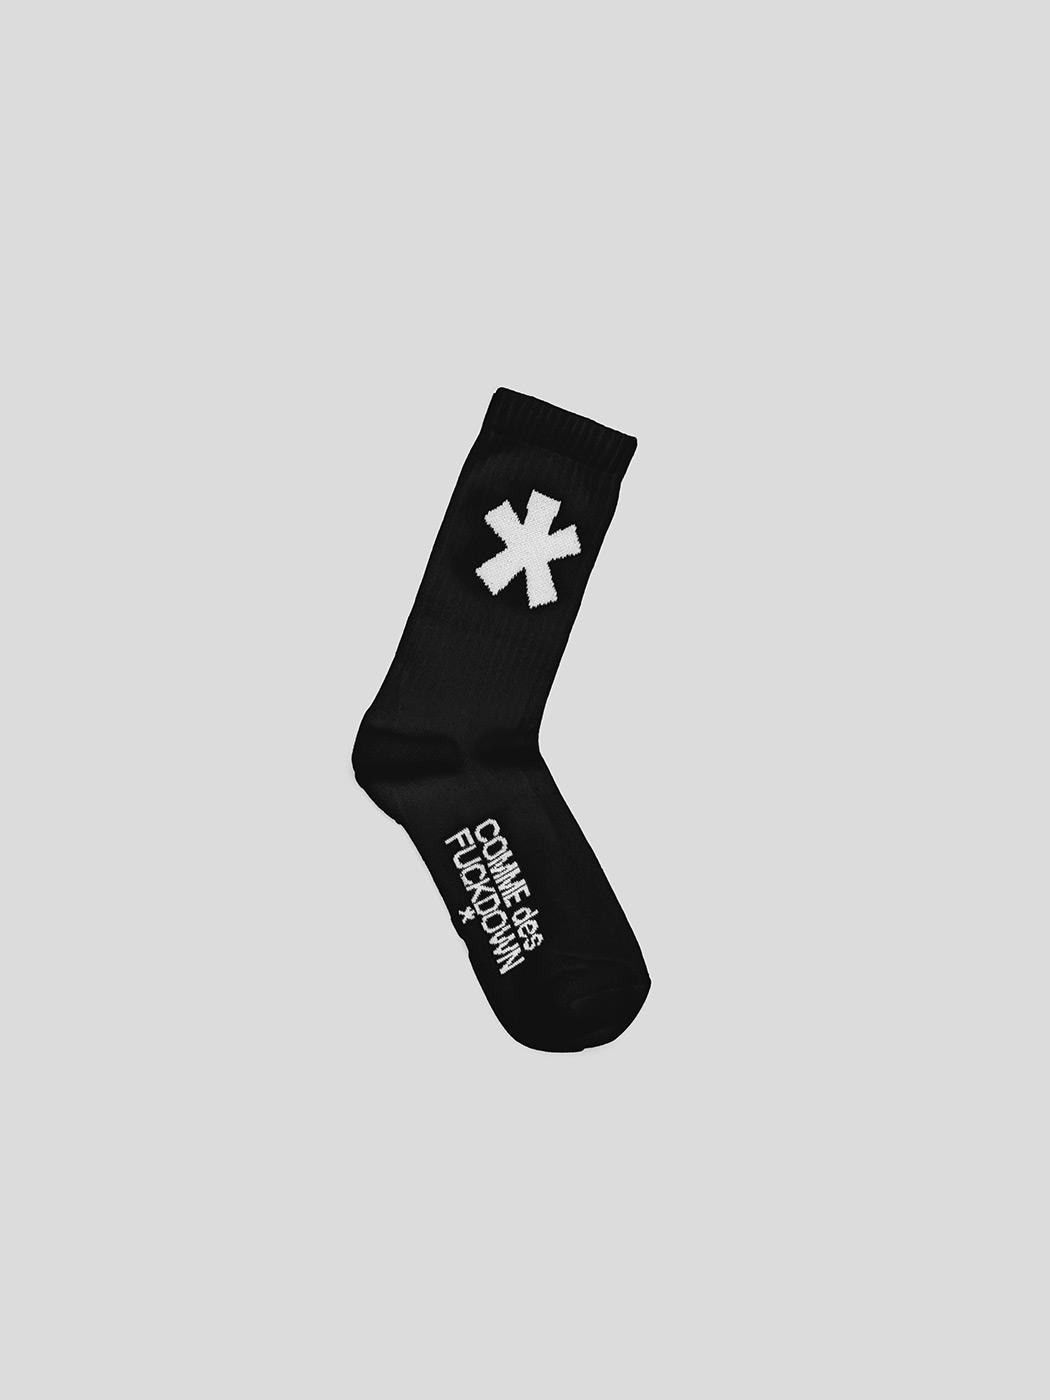 SOCKS - CDFA577 - COMME DES FKDOWN